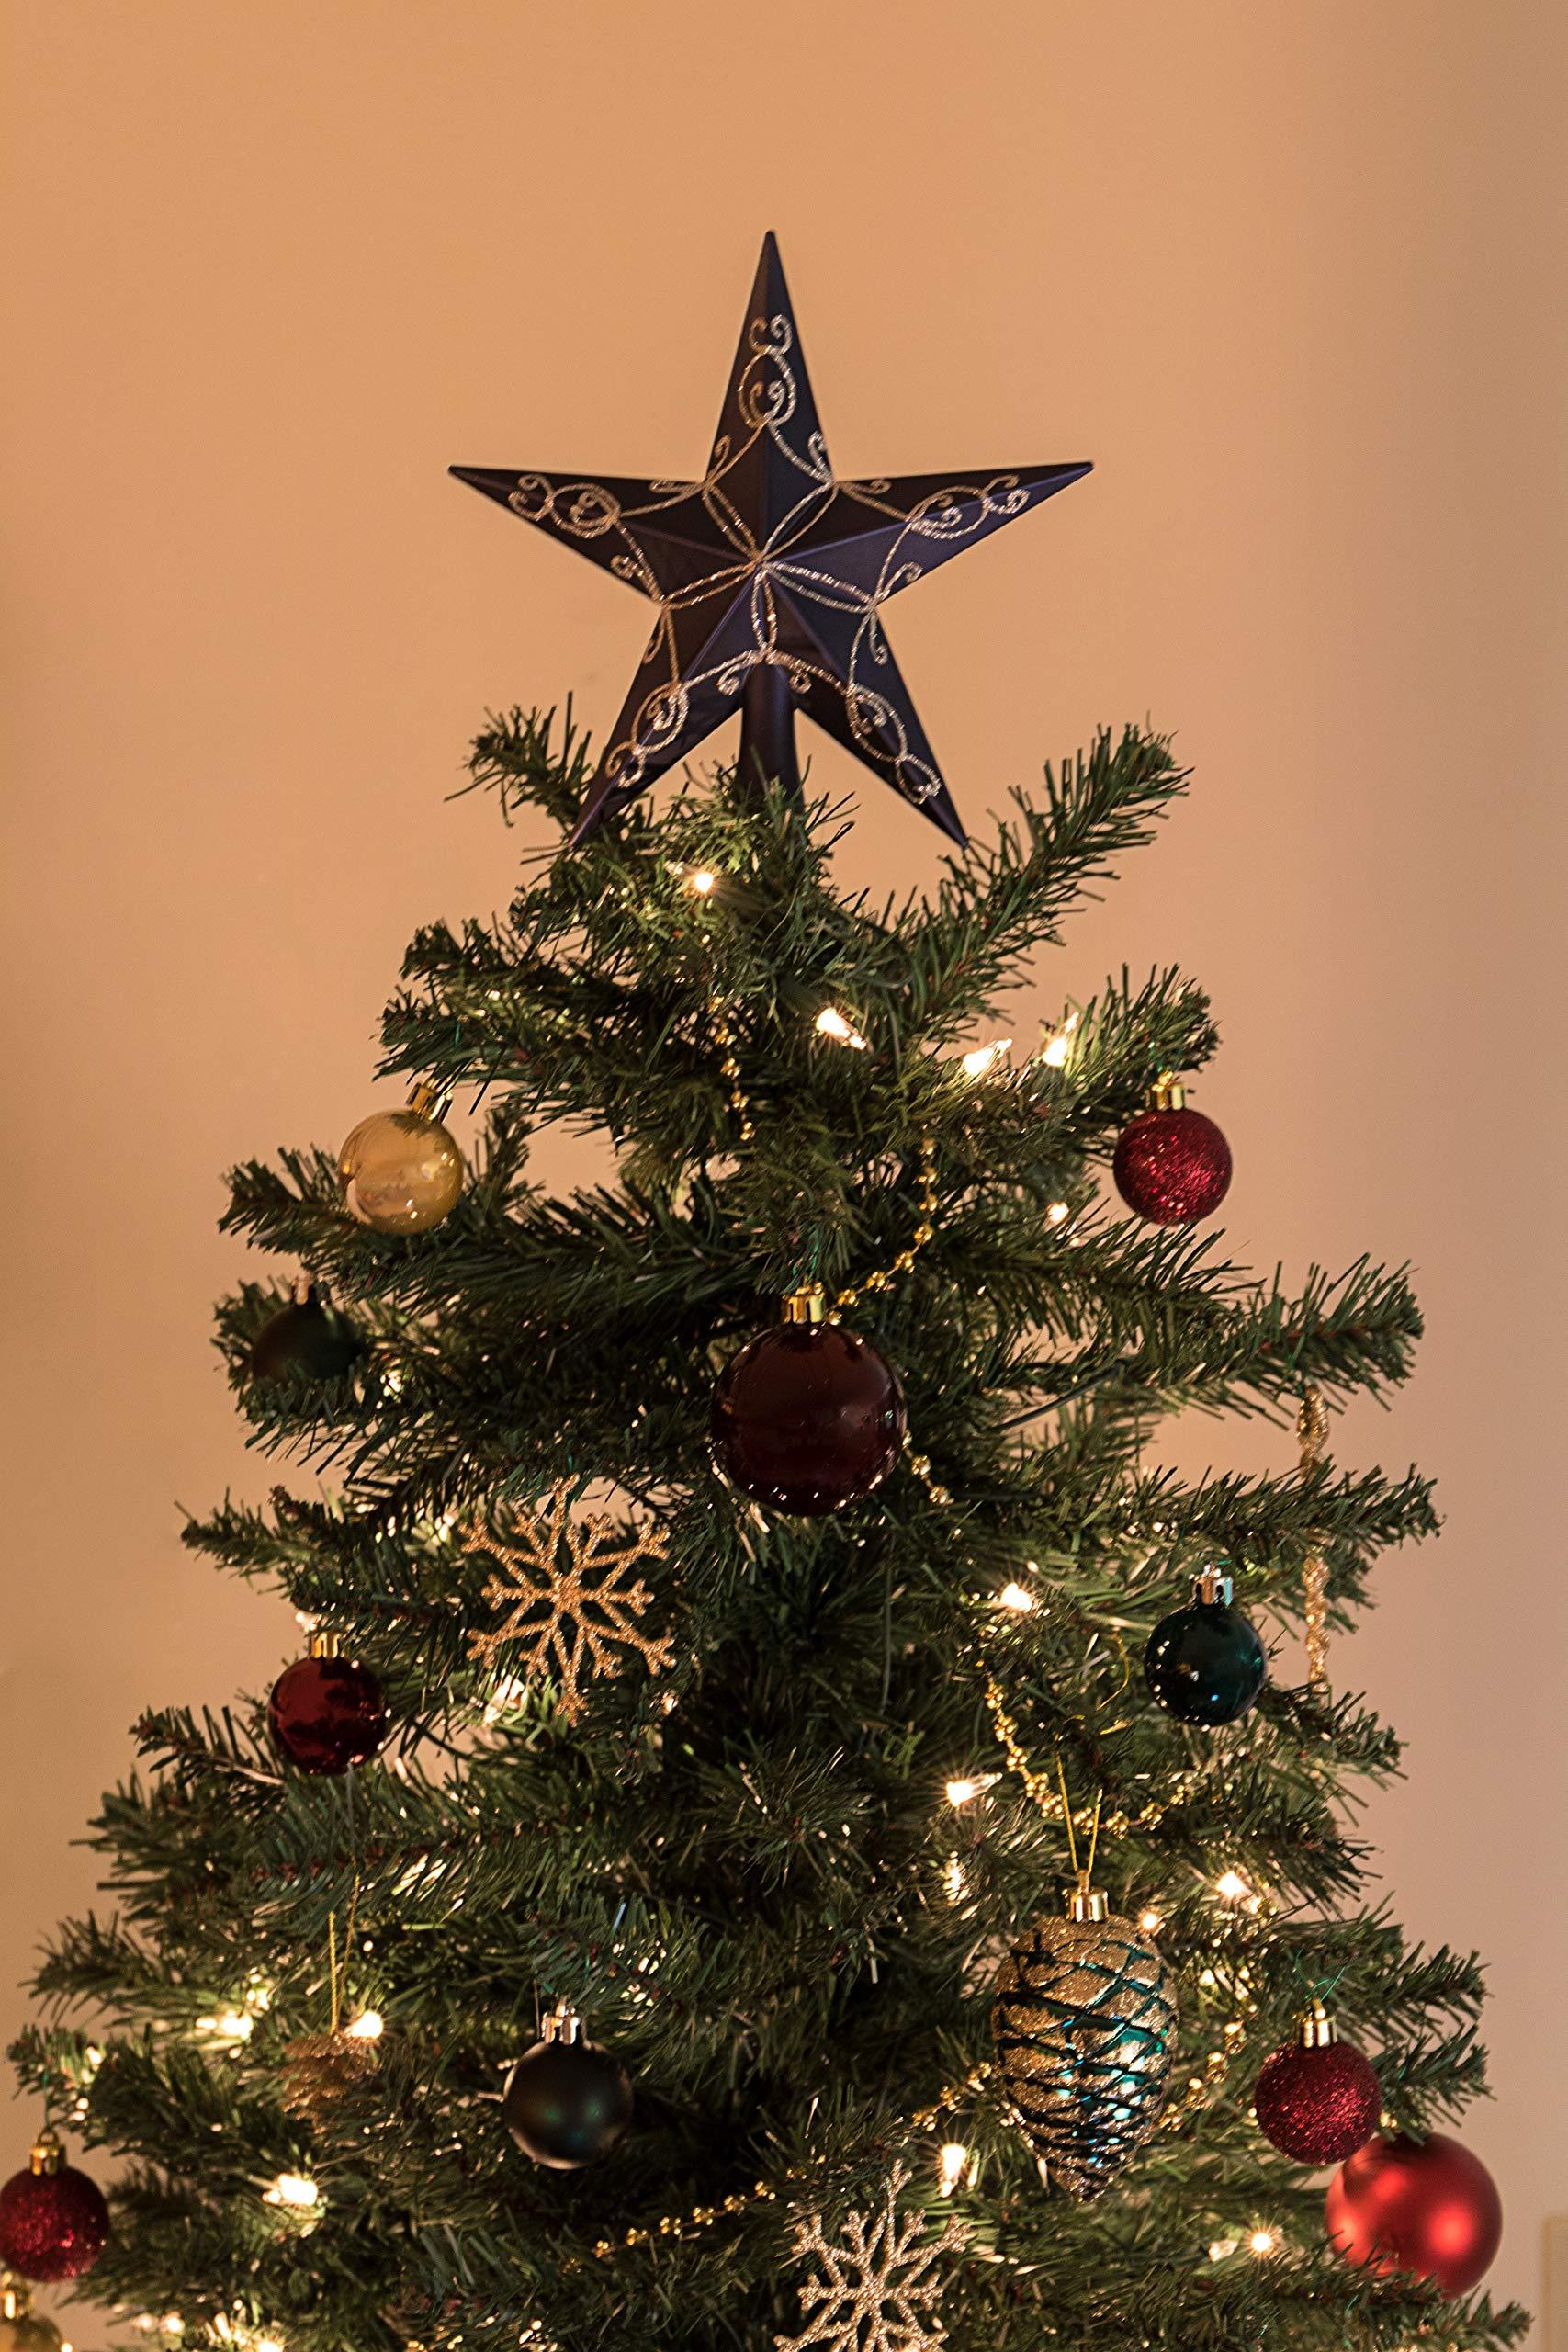 Clever-Creations-Weihnachtsbaumspitze-mit-blauem-Stern-Festliche-Weihnachtsdekoration-glitzernd-bruchfester-Kunststoff-203-cm-hoch-perfekt-fr-jeden-Weihnachtsbaum